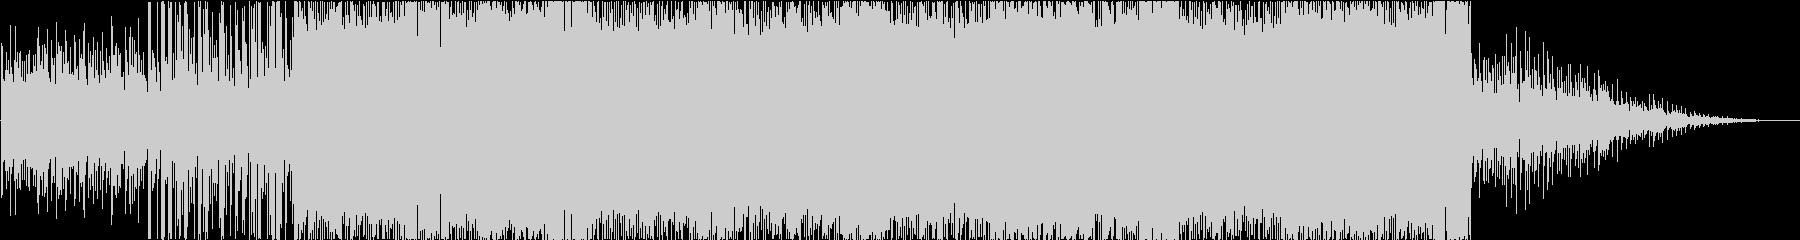 ポジティブ、ヒップホップ、ラウンジの未再生の波形